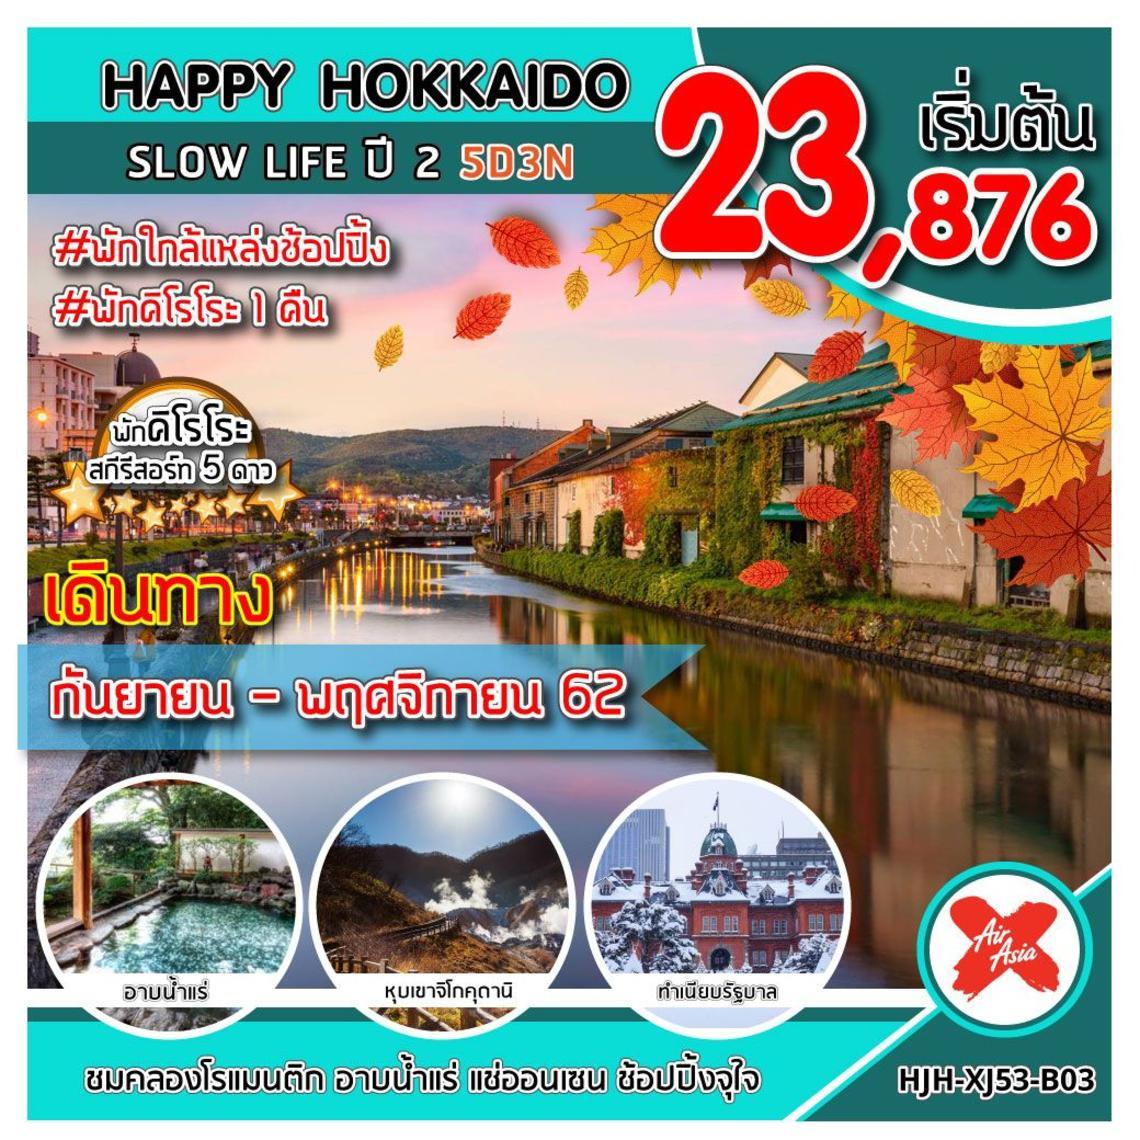 ทัวร์ญี่ปุ่น ทัวร์ฮอกไกโด HJH-XJ53-B03 HAPPY HOKKAIDO SLOW LIFE ปี 2